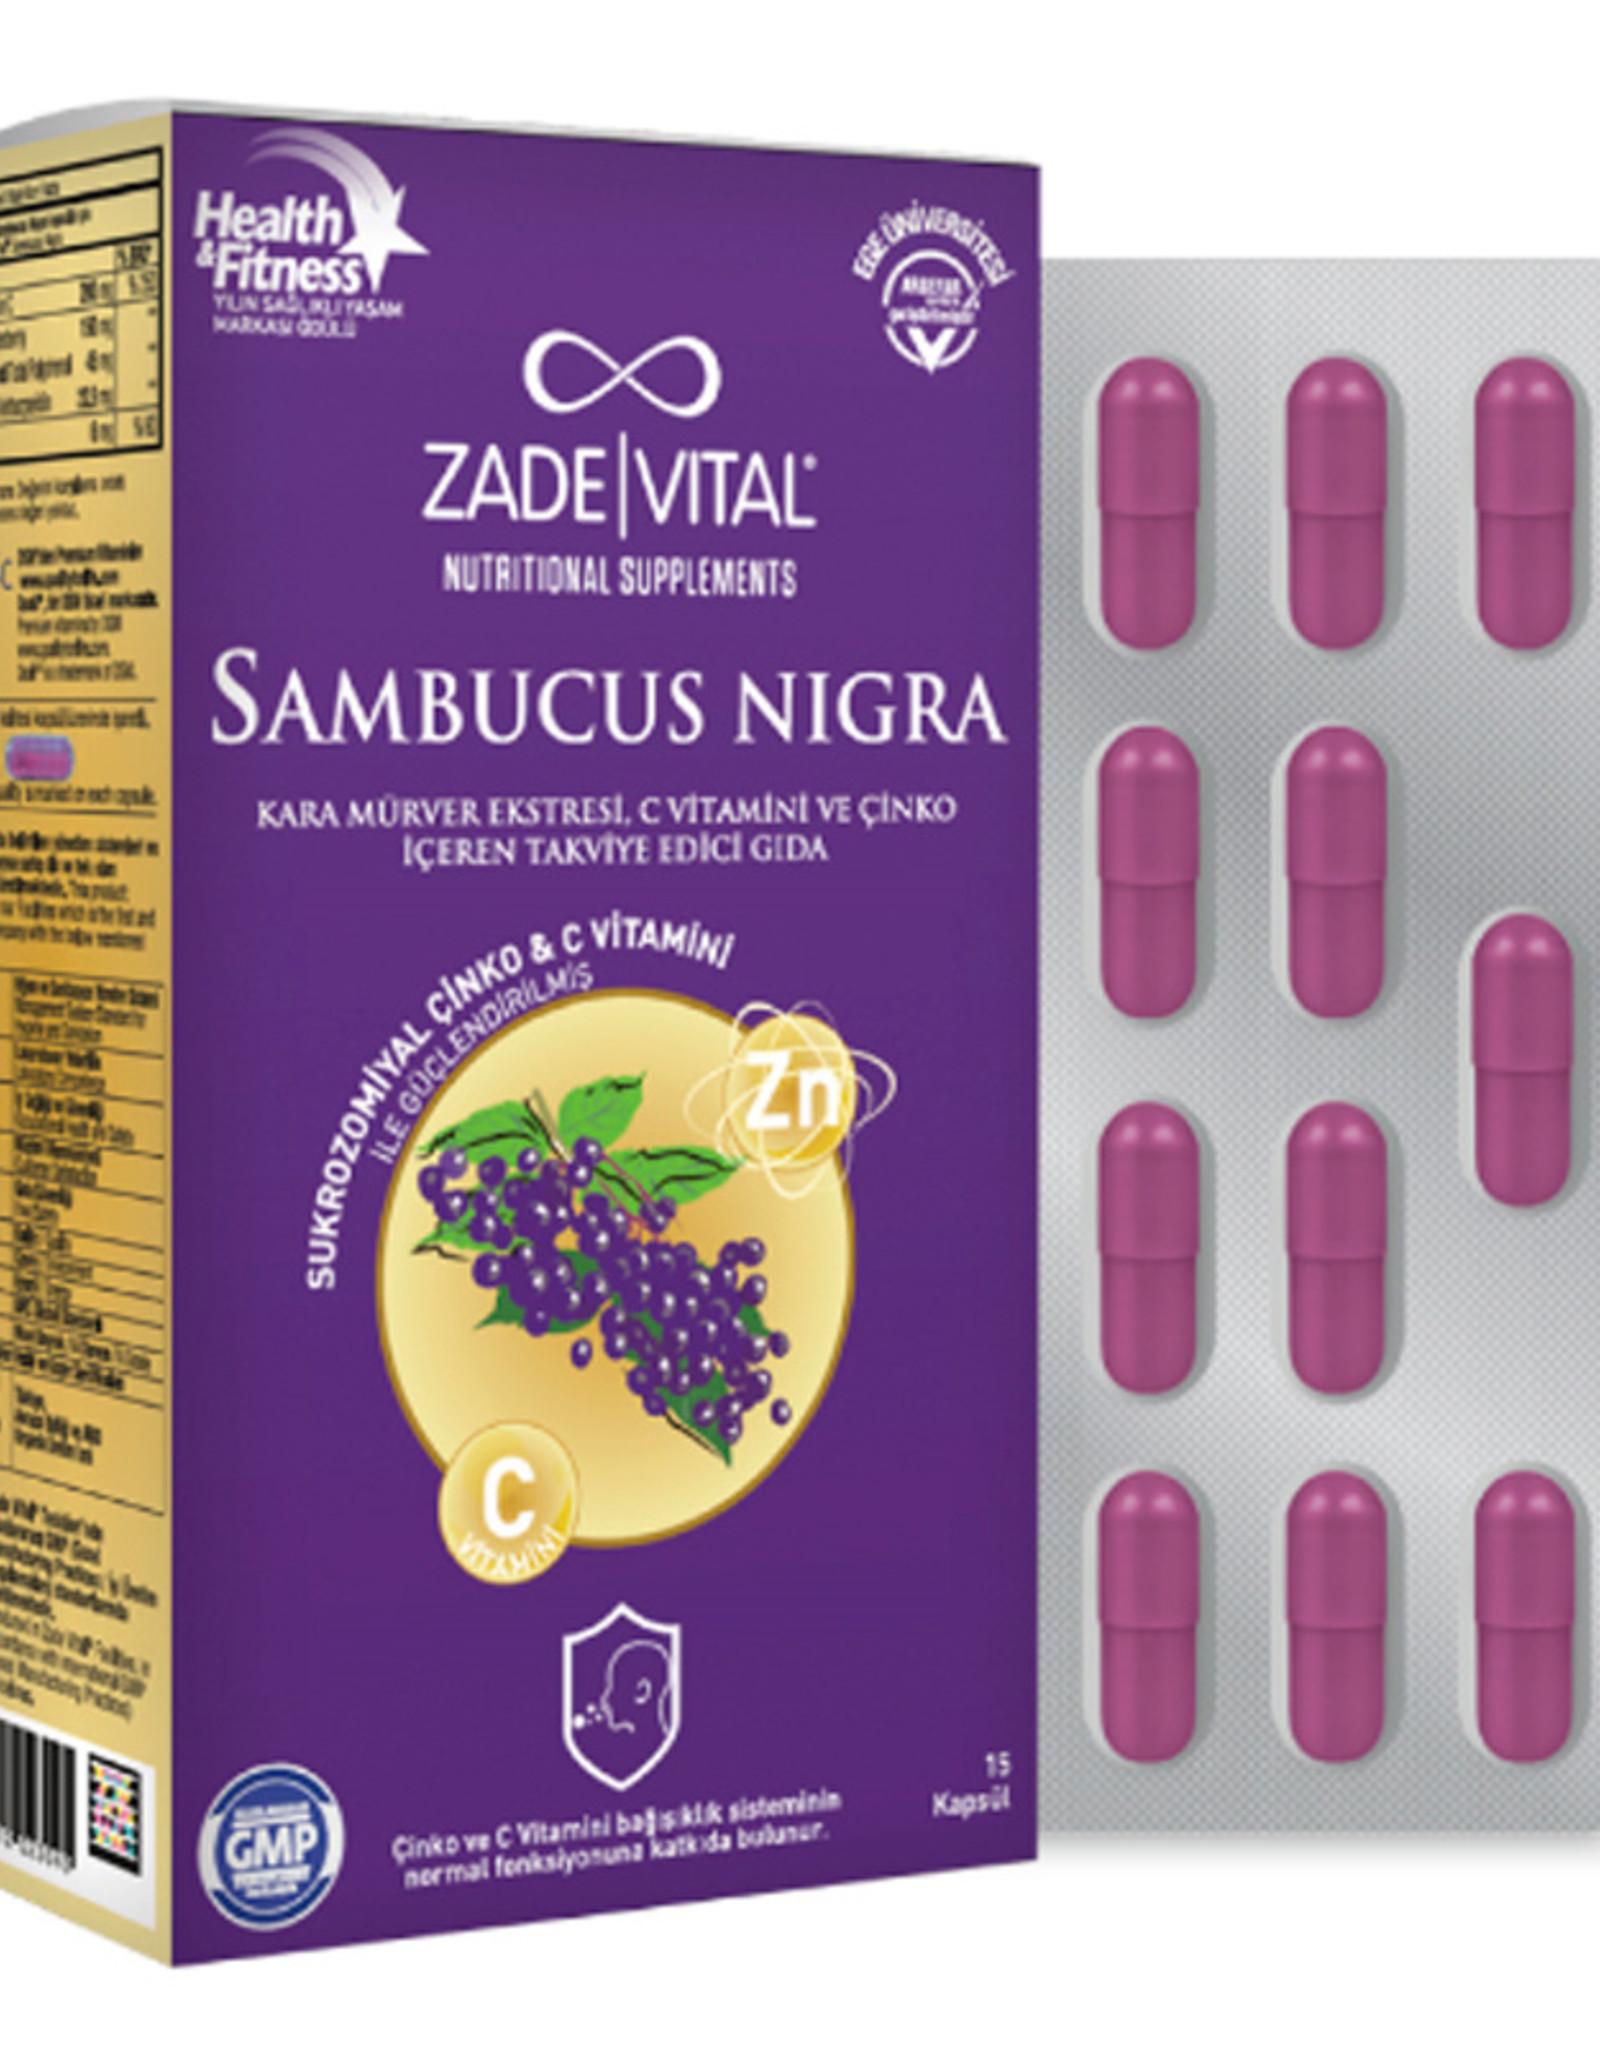 Zade Vital Zade Vital Sambucus Nigra, vitamine C en zink 15 Capsules